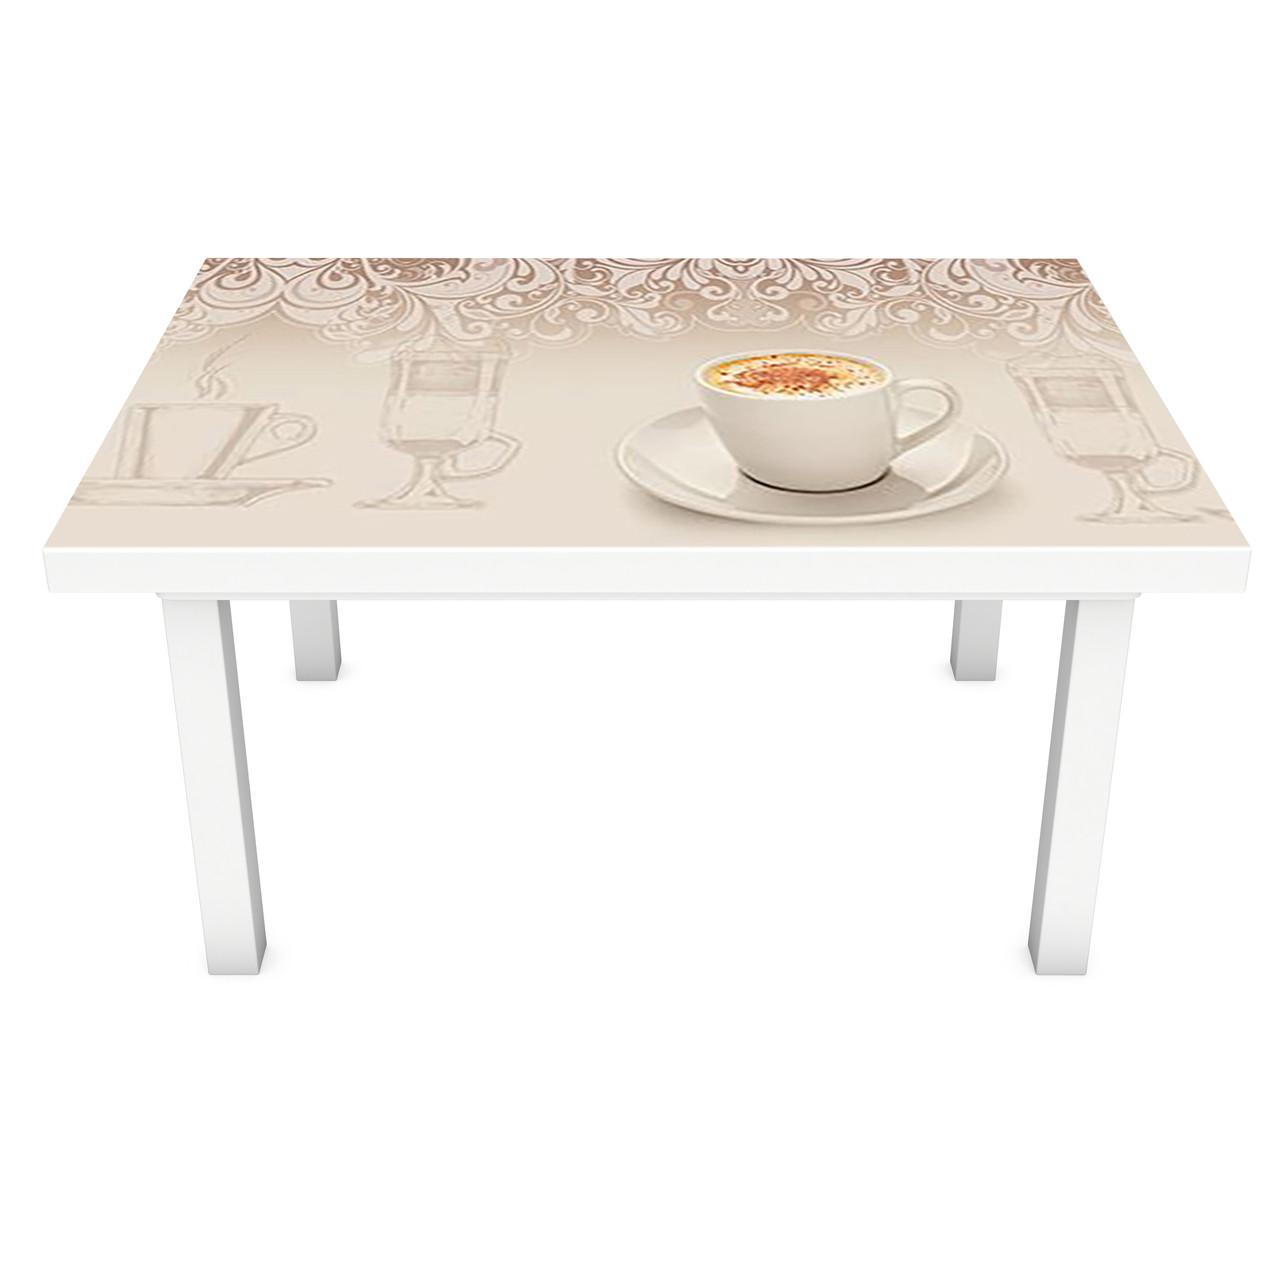 Наклейка на стол Капучино (3Д виниловая пленка ПВХ) кофе чашки Напитки Бежевый 600*1200 мм